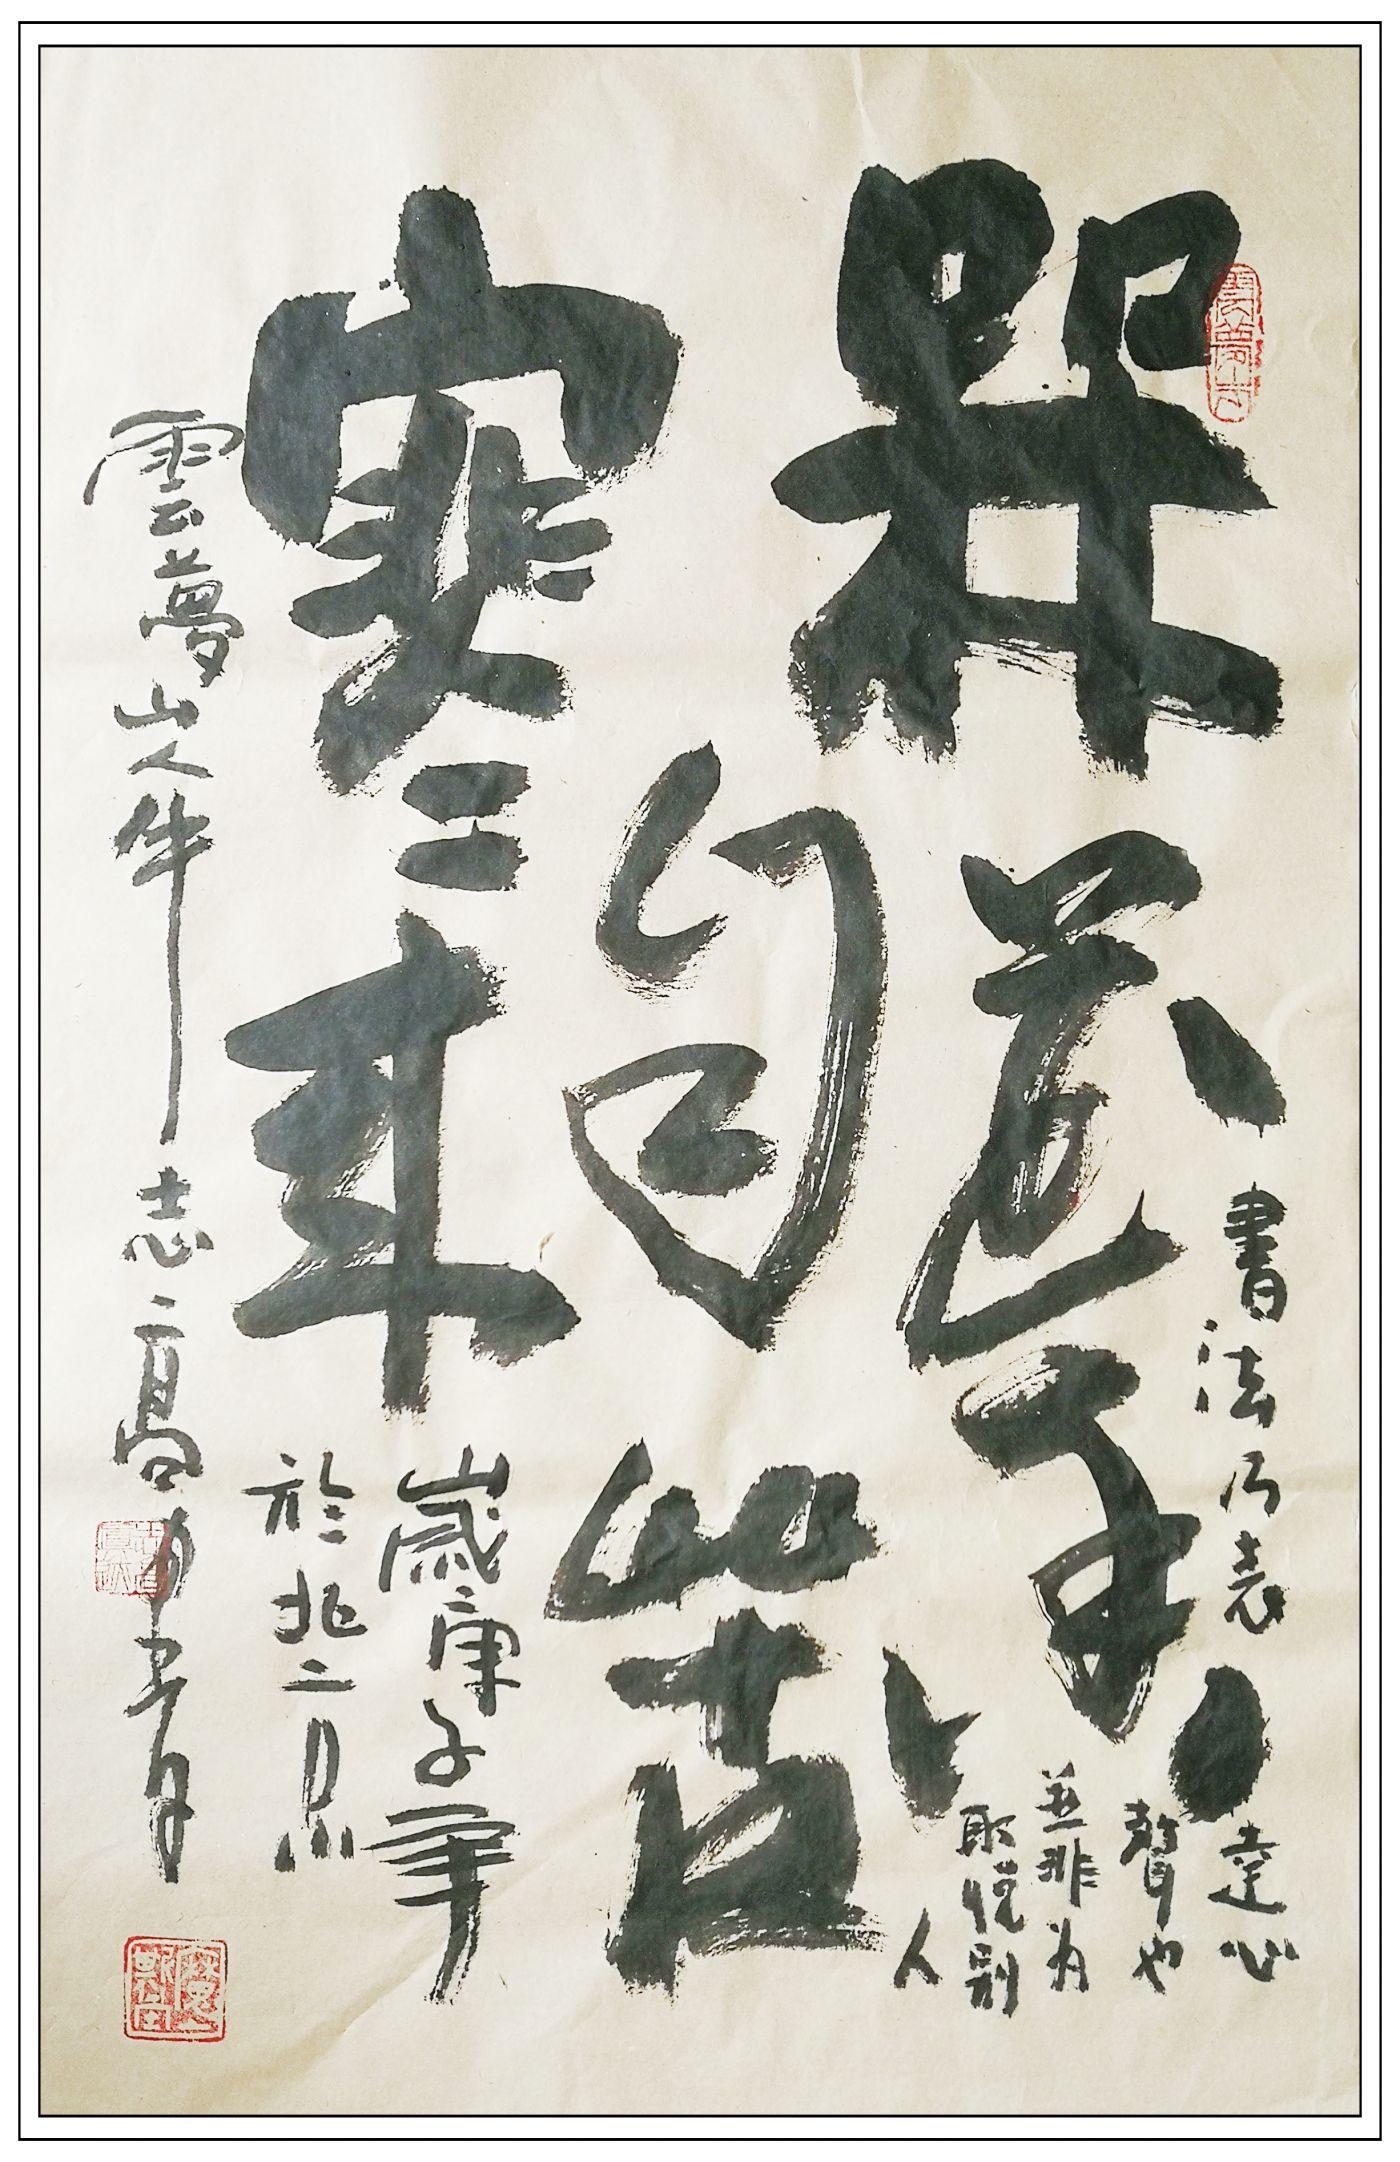 牛志高书法----2020.06.02_图1-3